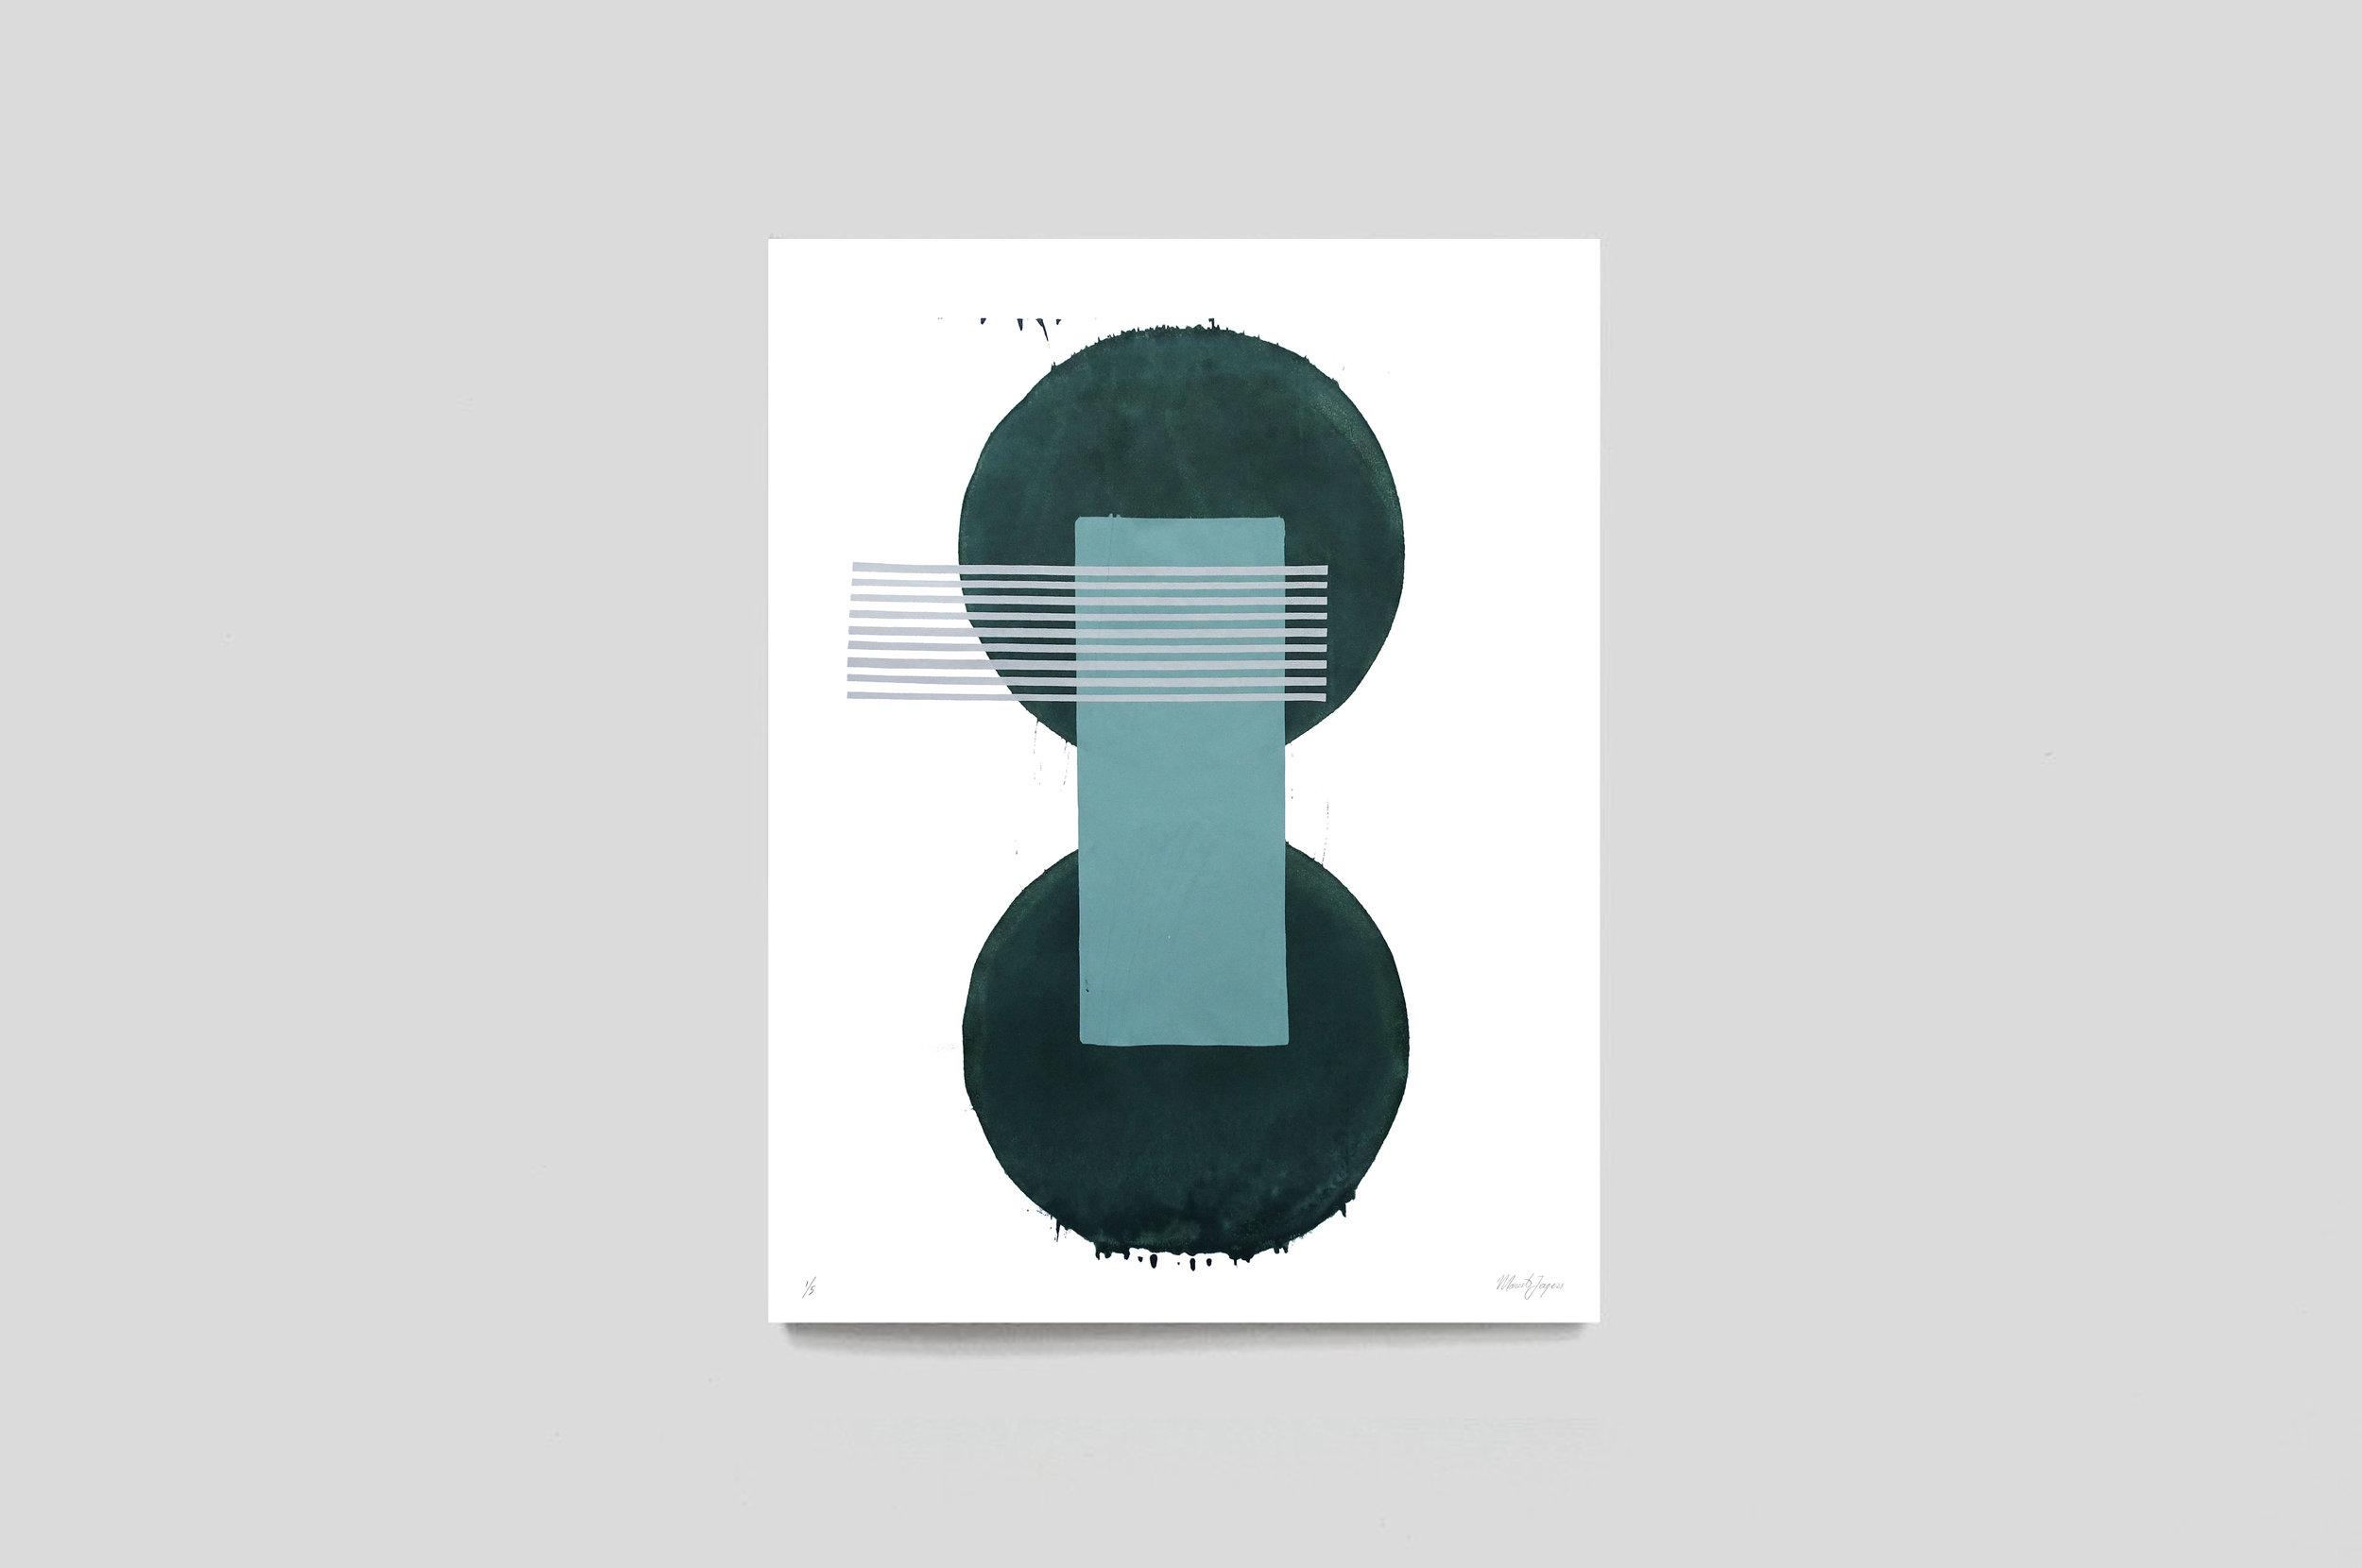 Poster_aan_muur_Marrit_Jagers_StudioJOA_zeefdruk_0007_8.jpg